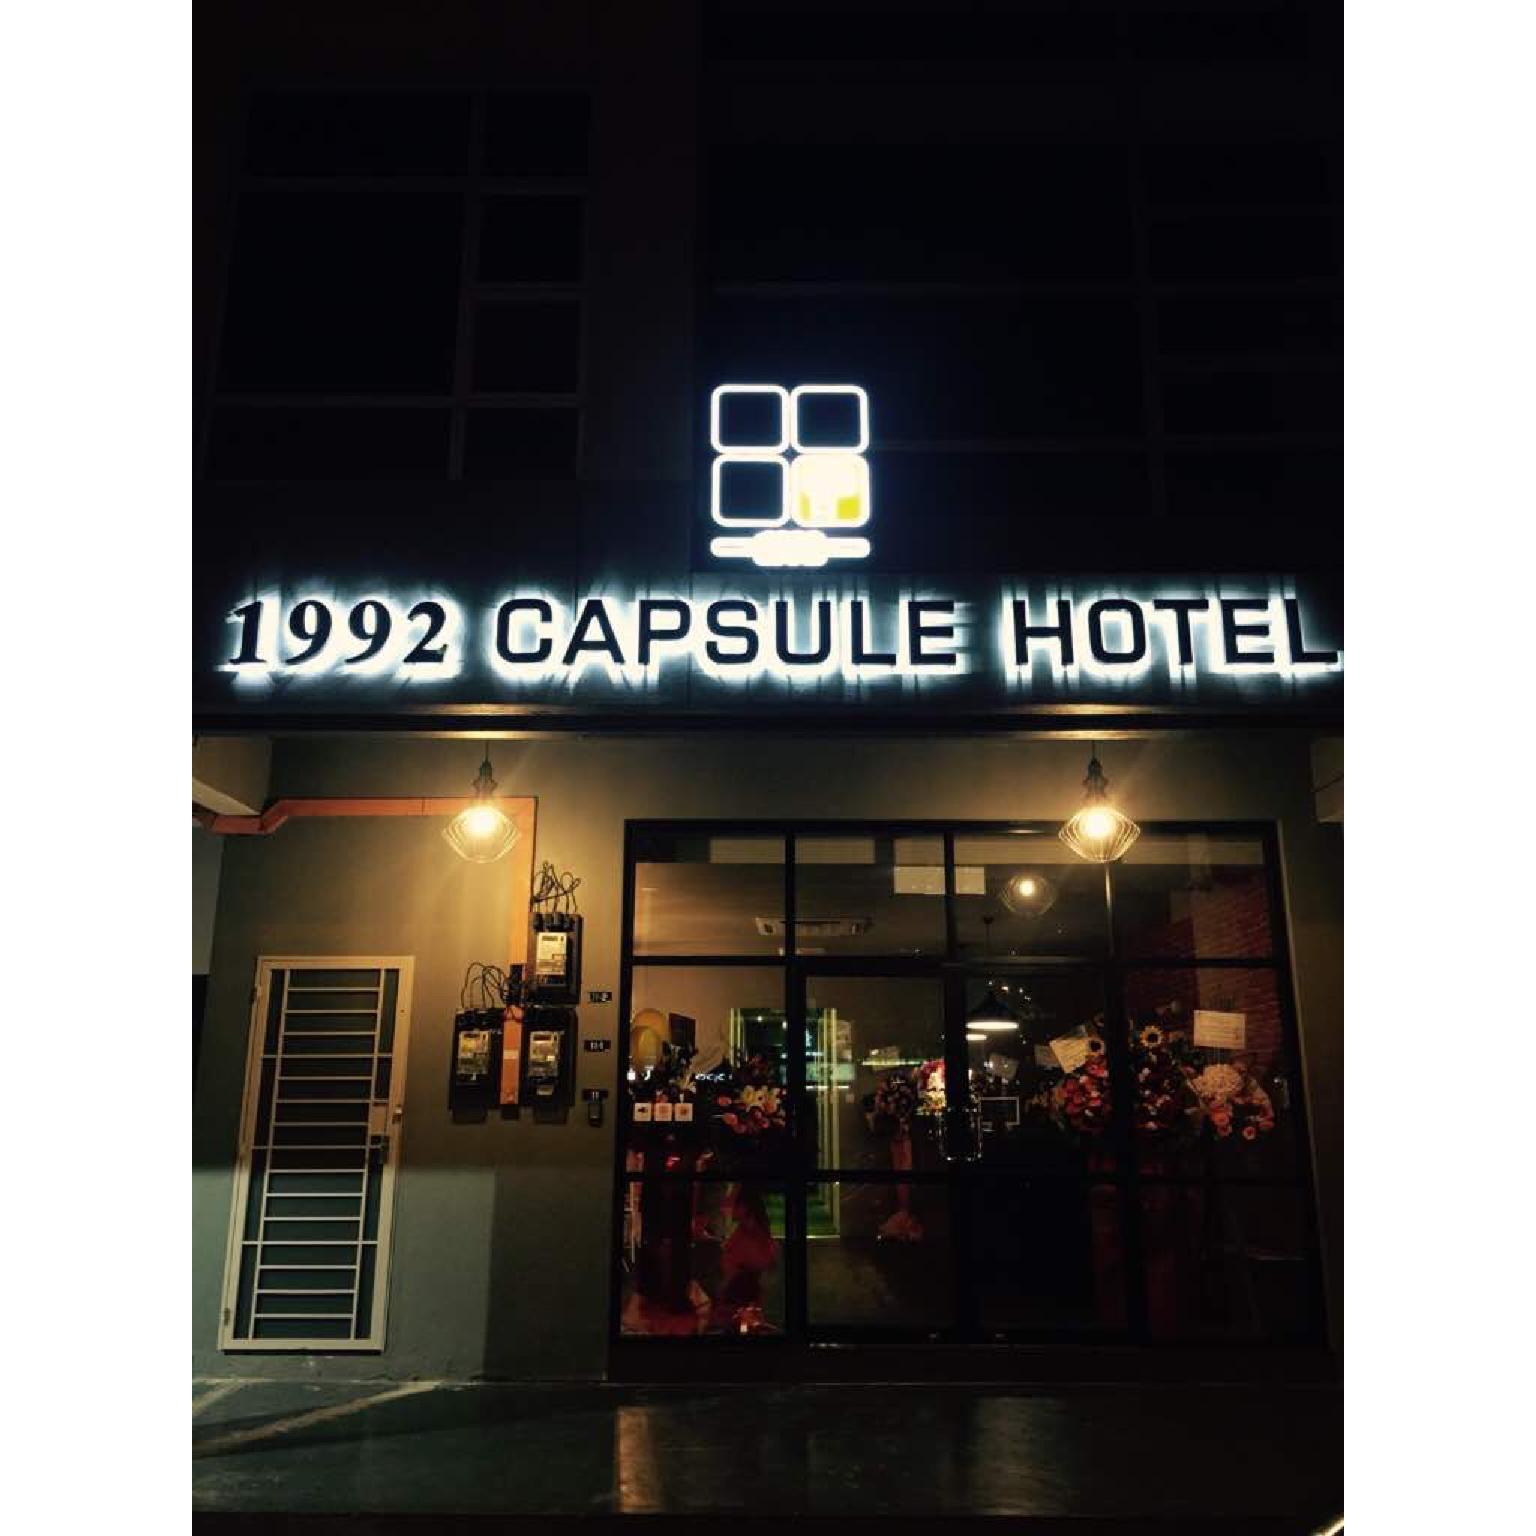 1992 CAPSULE HOTEL